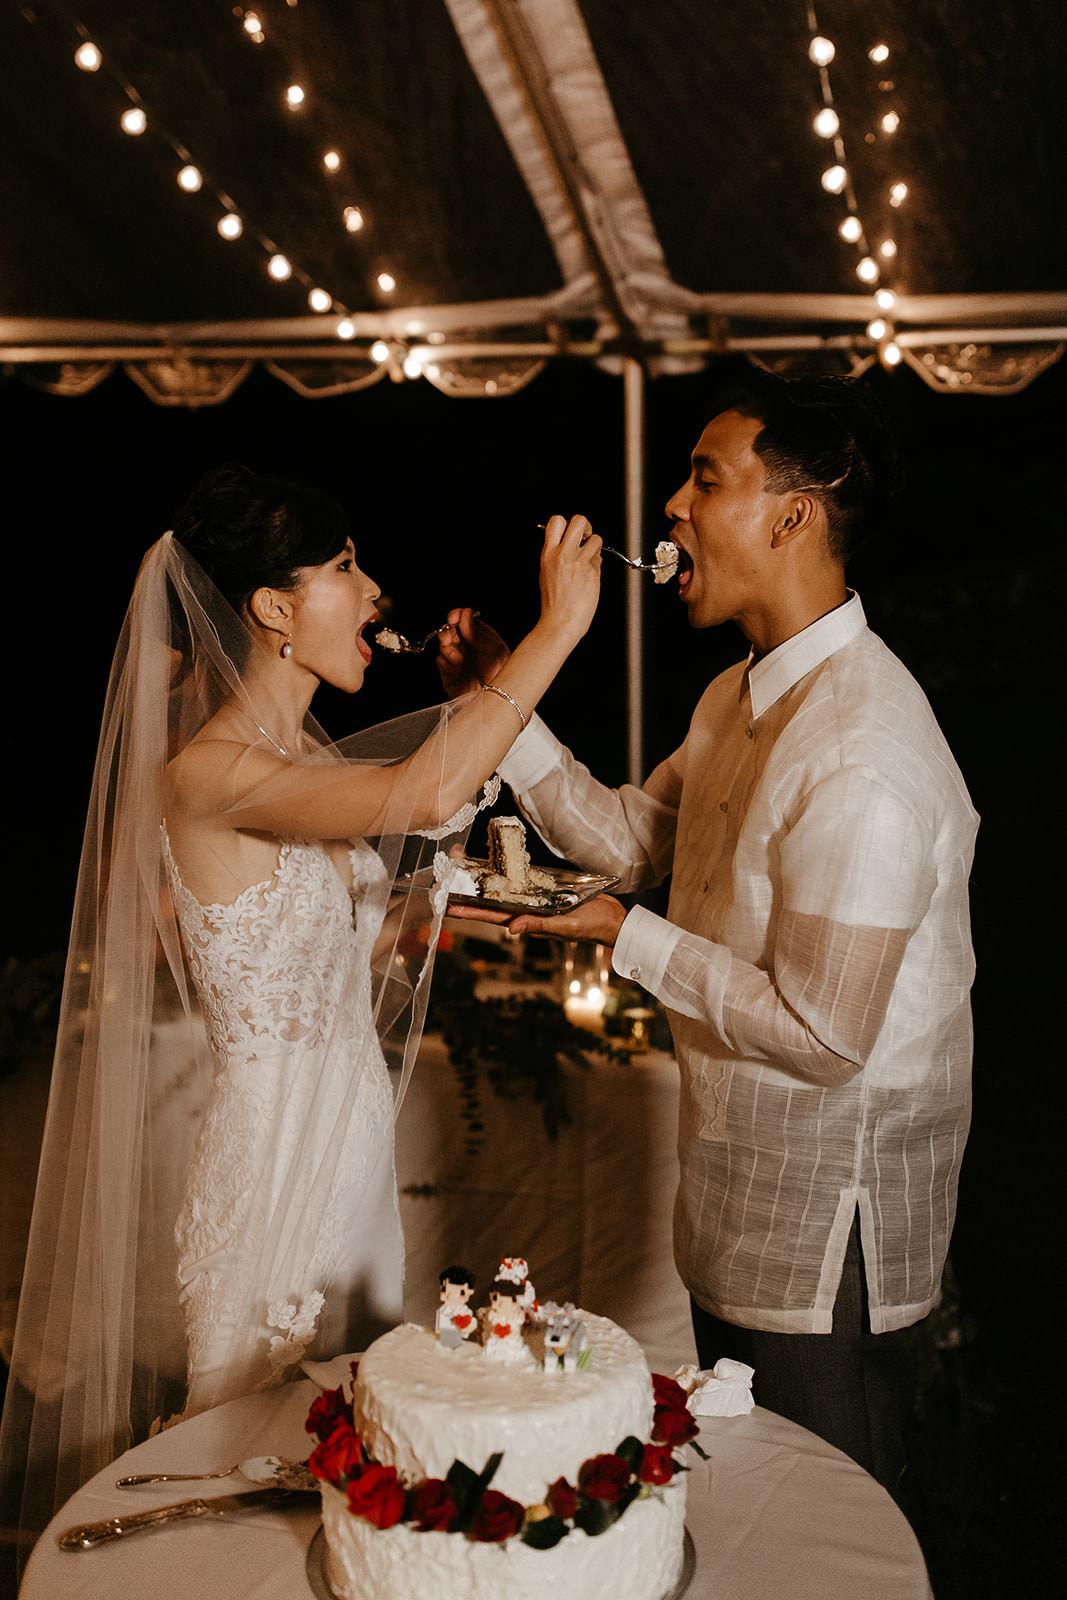 Kualoa_Hawaii_wedding_paliku_8.jpg